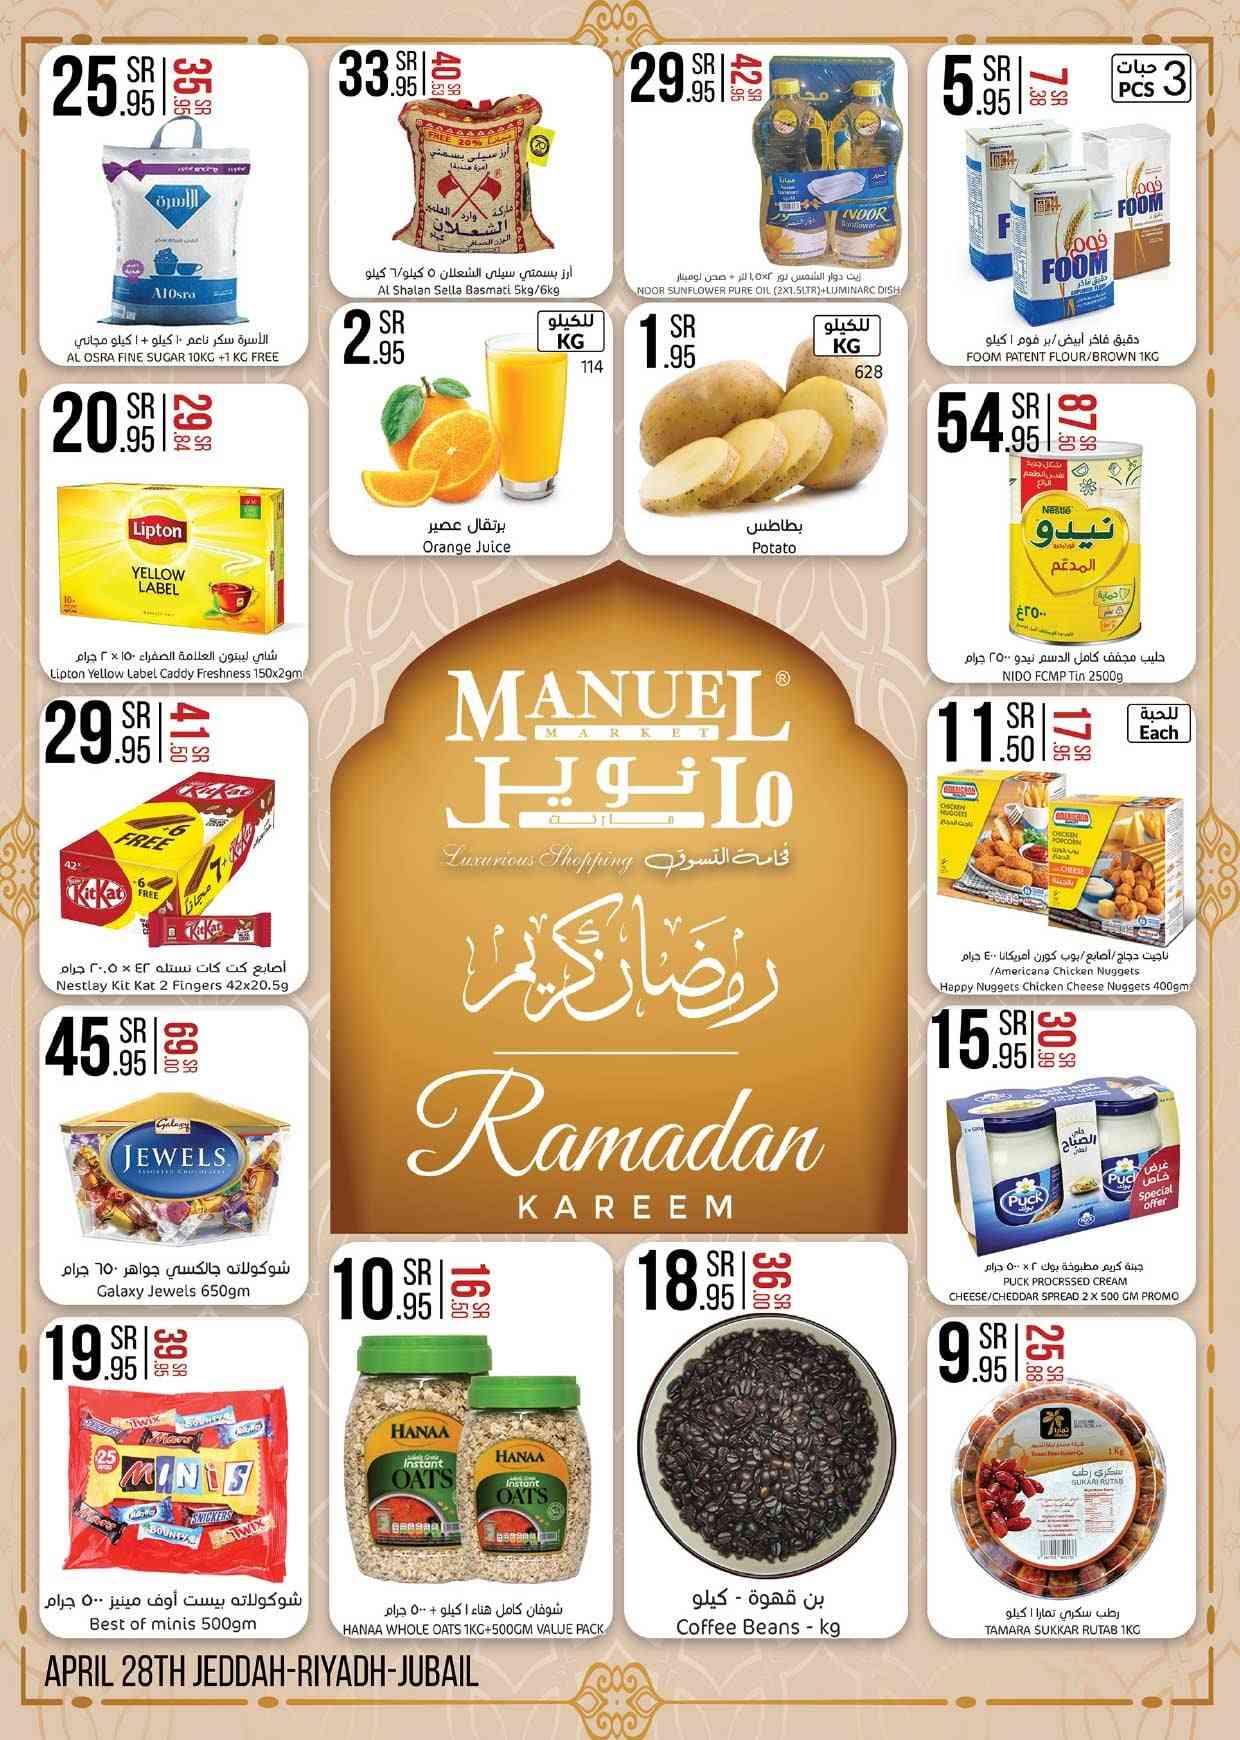 عروض مانويل الجبيل اليوم 28 ابريل حتى 4 مايو 2021 عروض رمضان